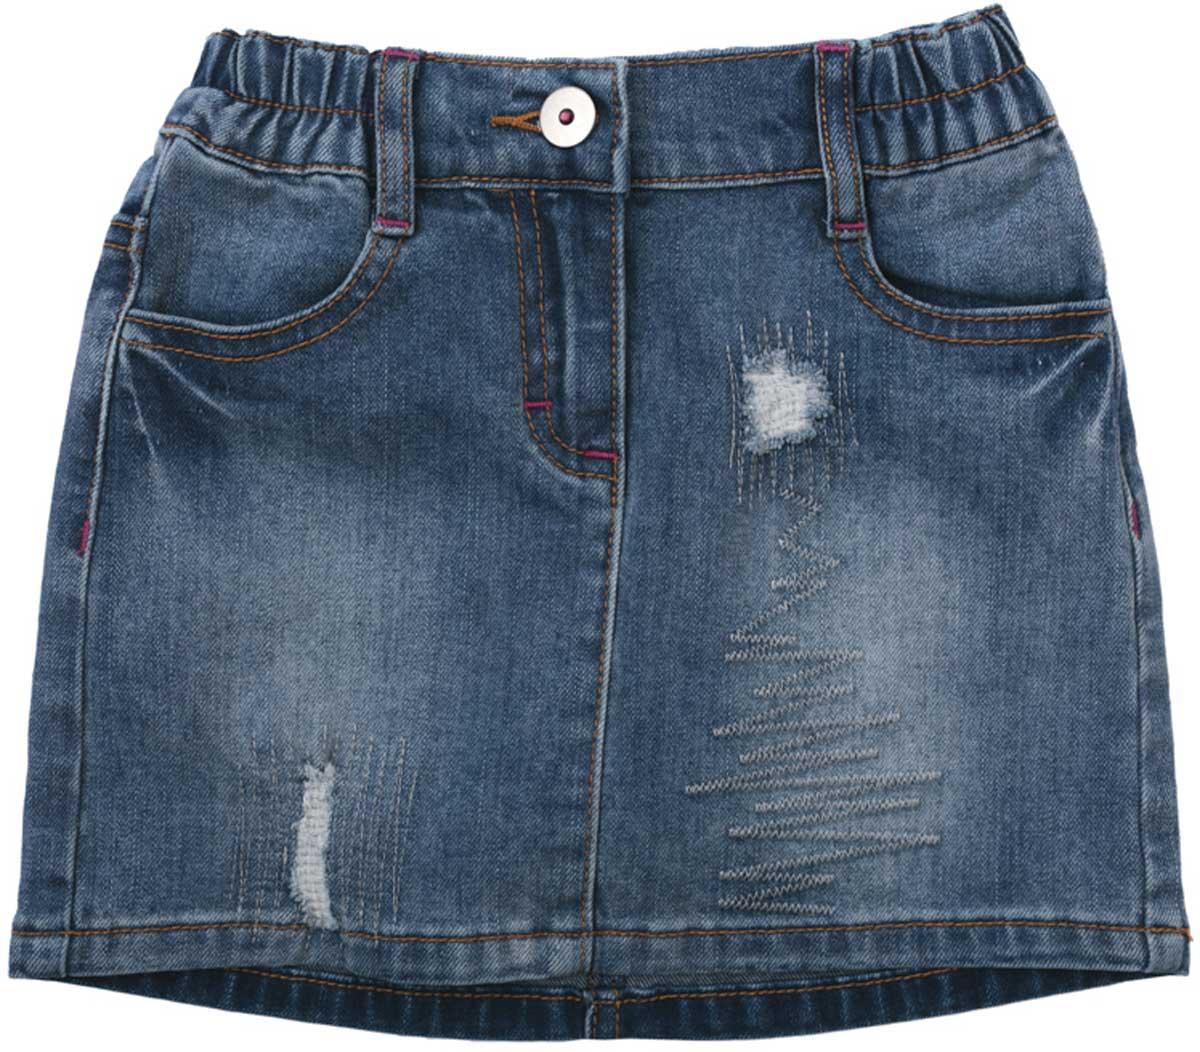 Юбка для девочки PlayToday, цвет: синий. 172062. Размер 116172062Яркая стильная юбка PlayToday станет хорошим дополнением детского гардероба. Юбка на резинке, мягкая ткань не сковывает движений ребенка. Материал приятен к телу и не вызывает раздражений.